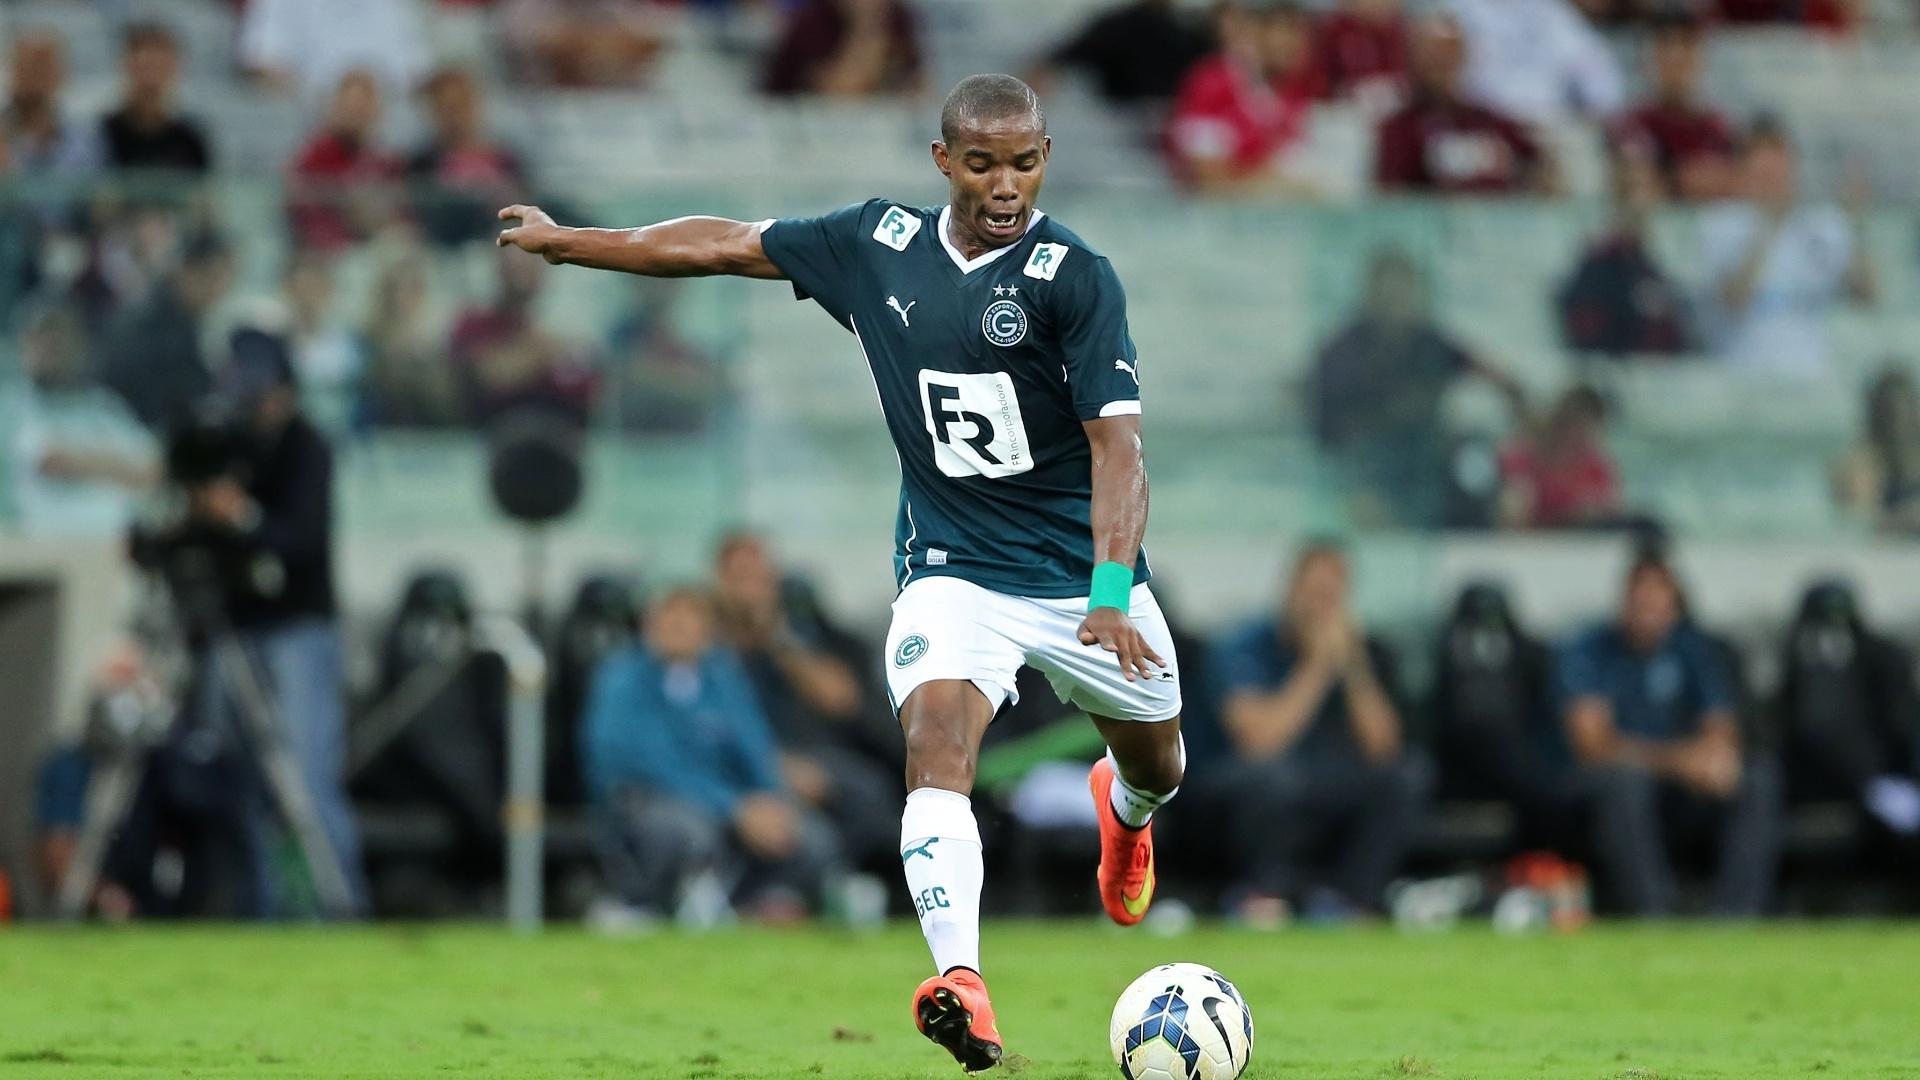 Thiago Mendes prepara chute em jogo do Goiás fora de casa